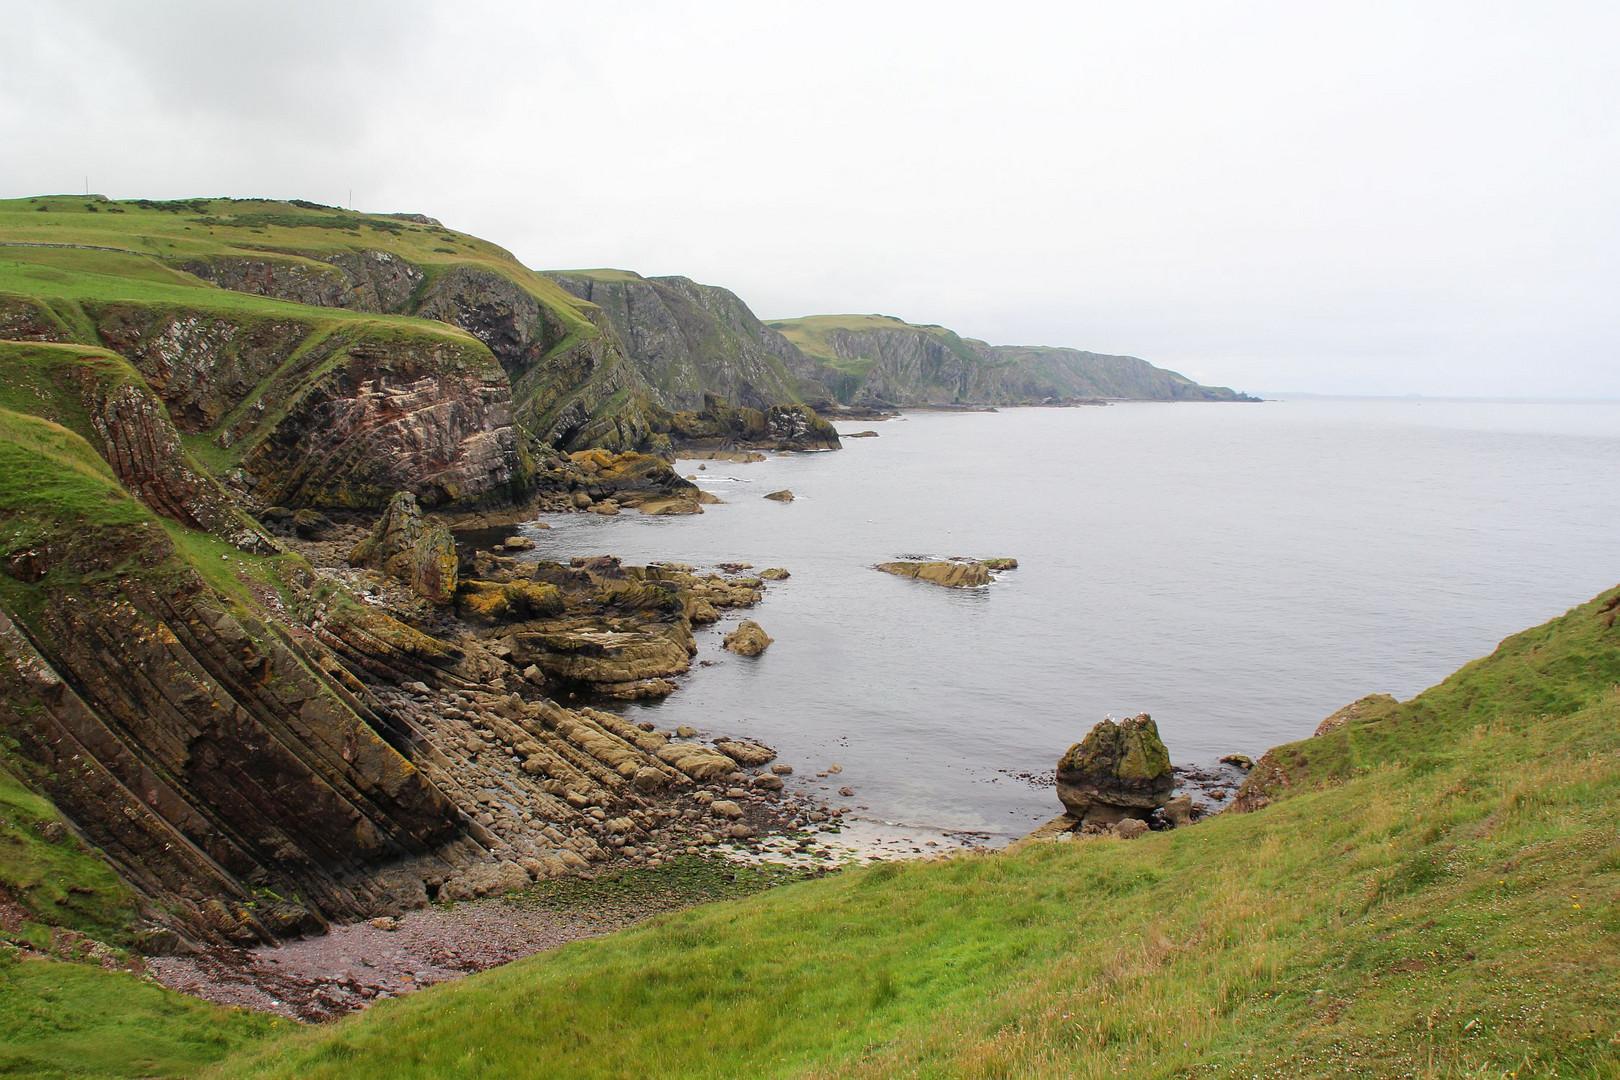 Wundervolle Küste am St. Abbs Head/Südosten von Schottland